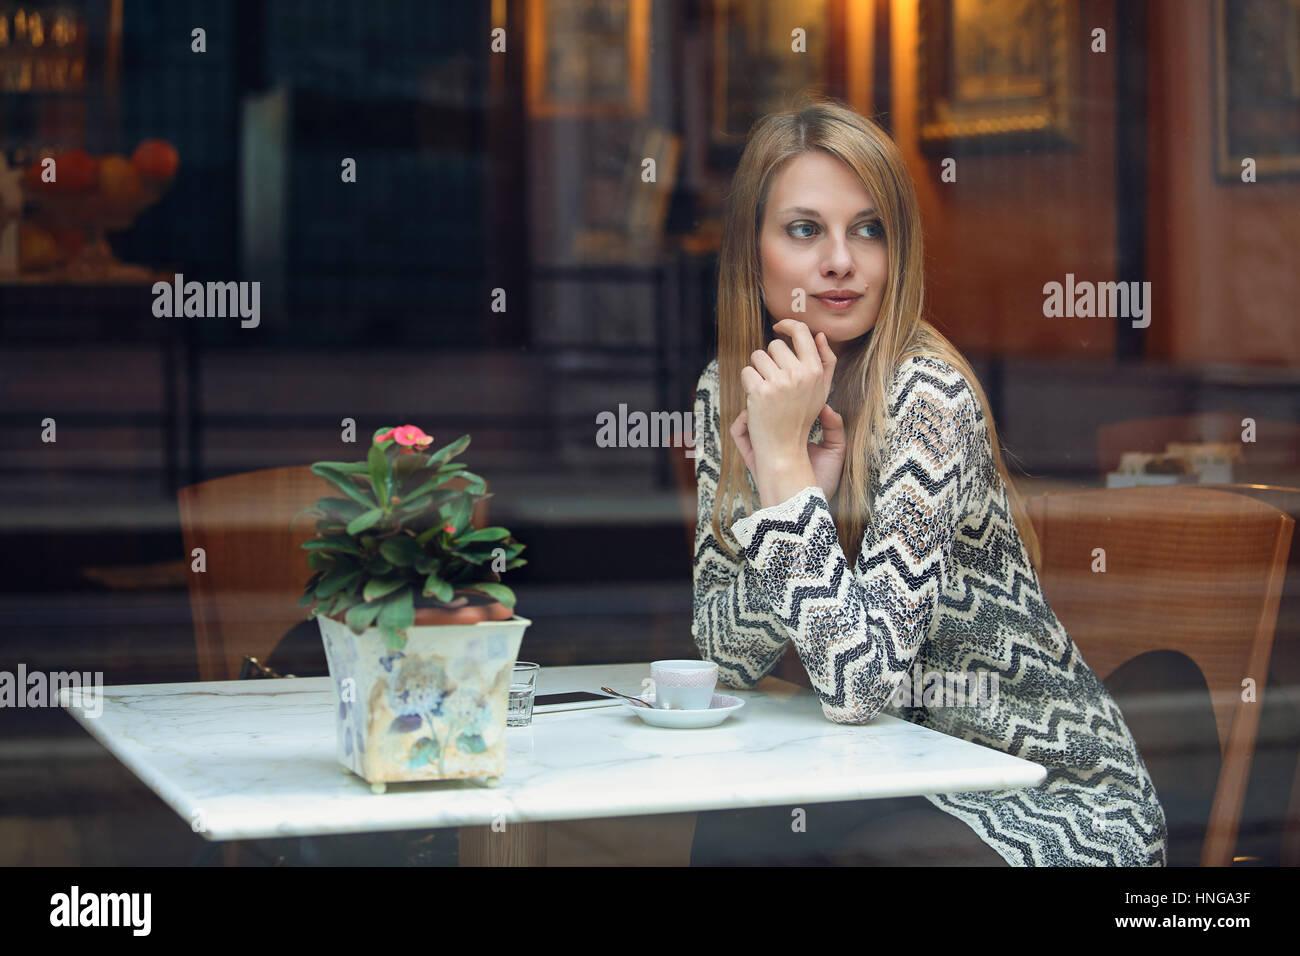 Giovane donna prendendo una pausa in eleganti cafe. Uno stile di vita urbano Immagini Stock